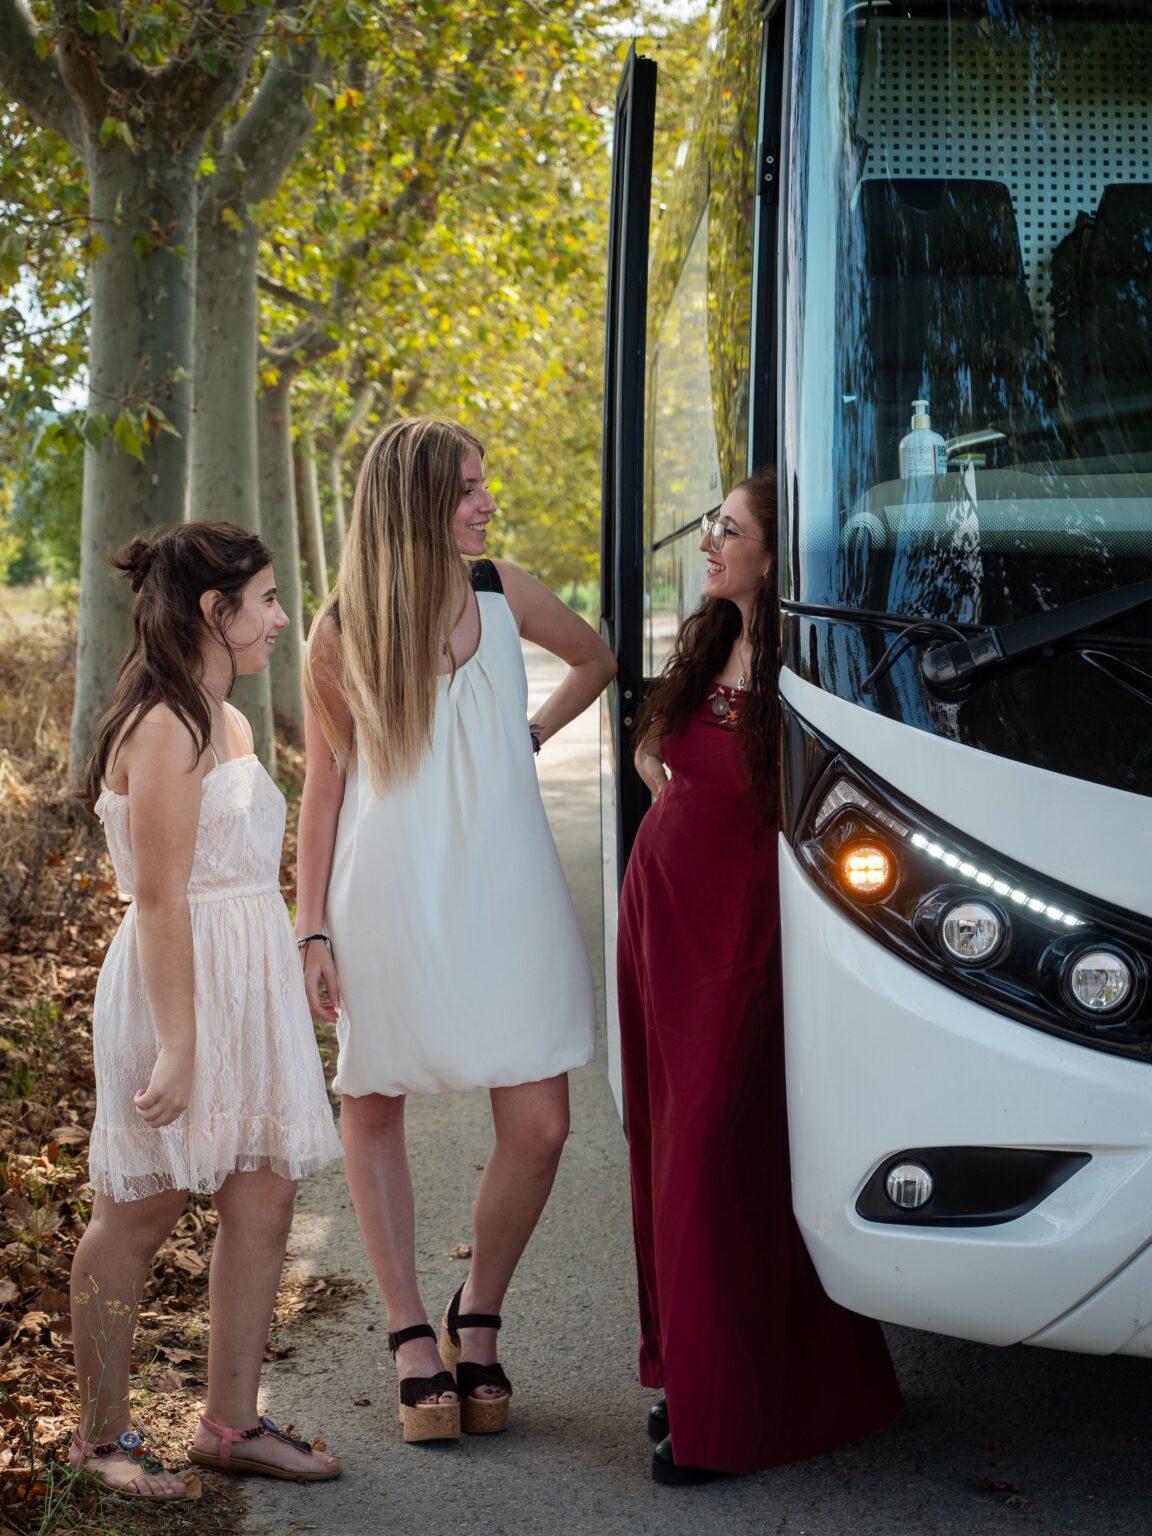 Lloguer autocar casament Barcelona